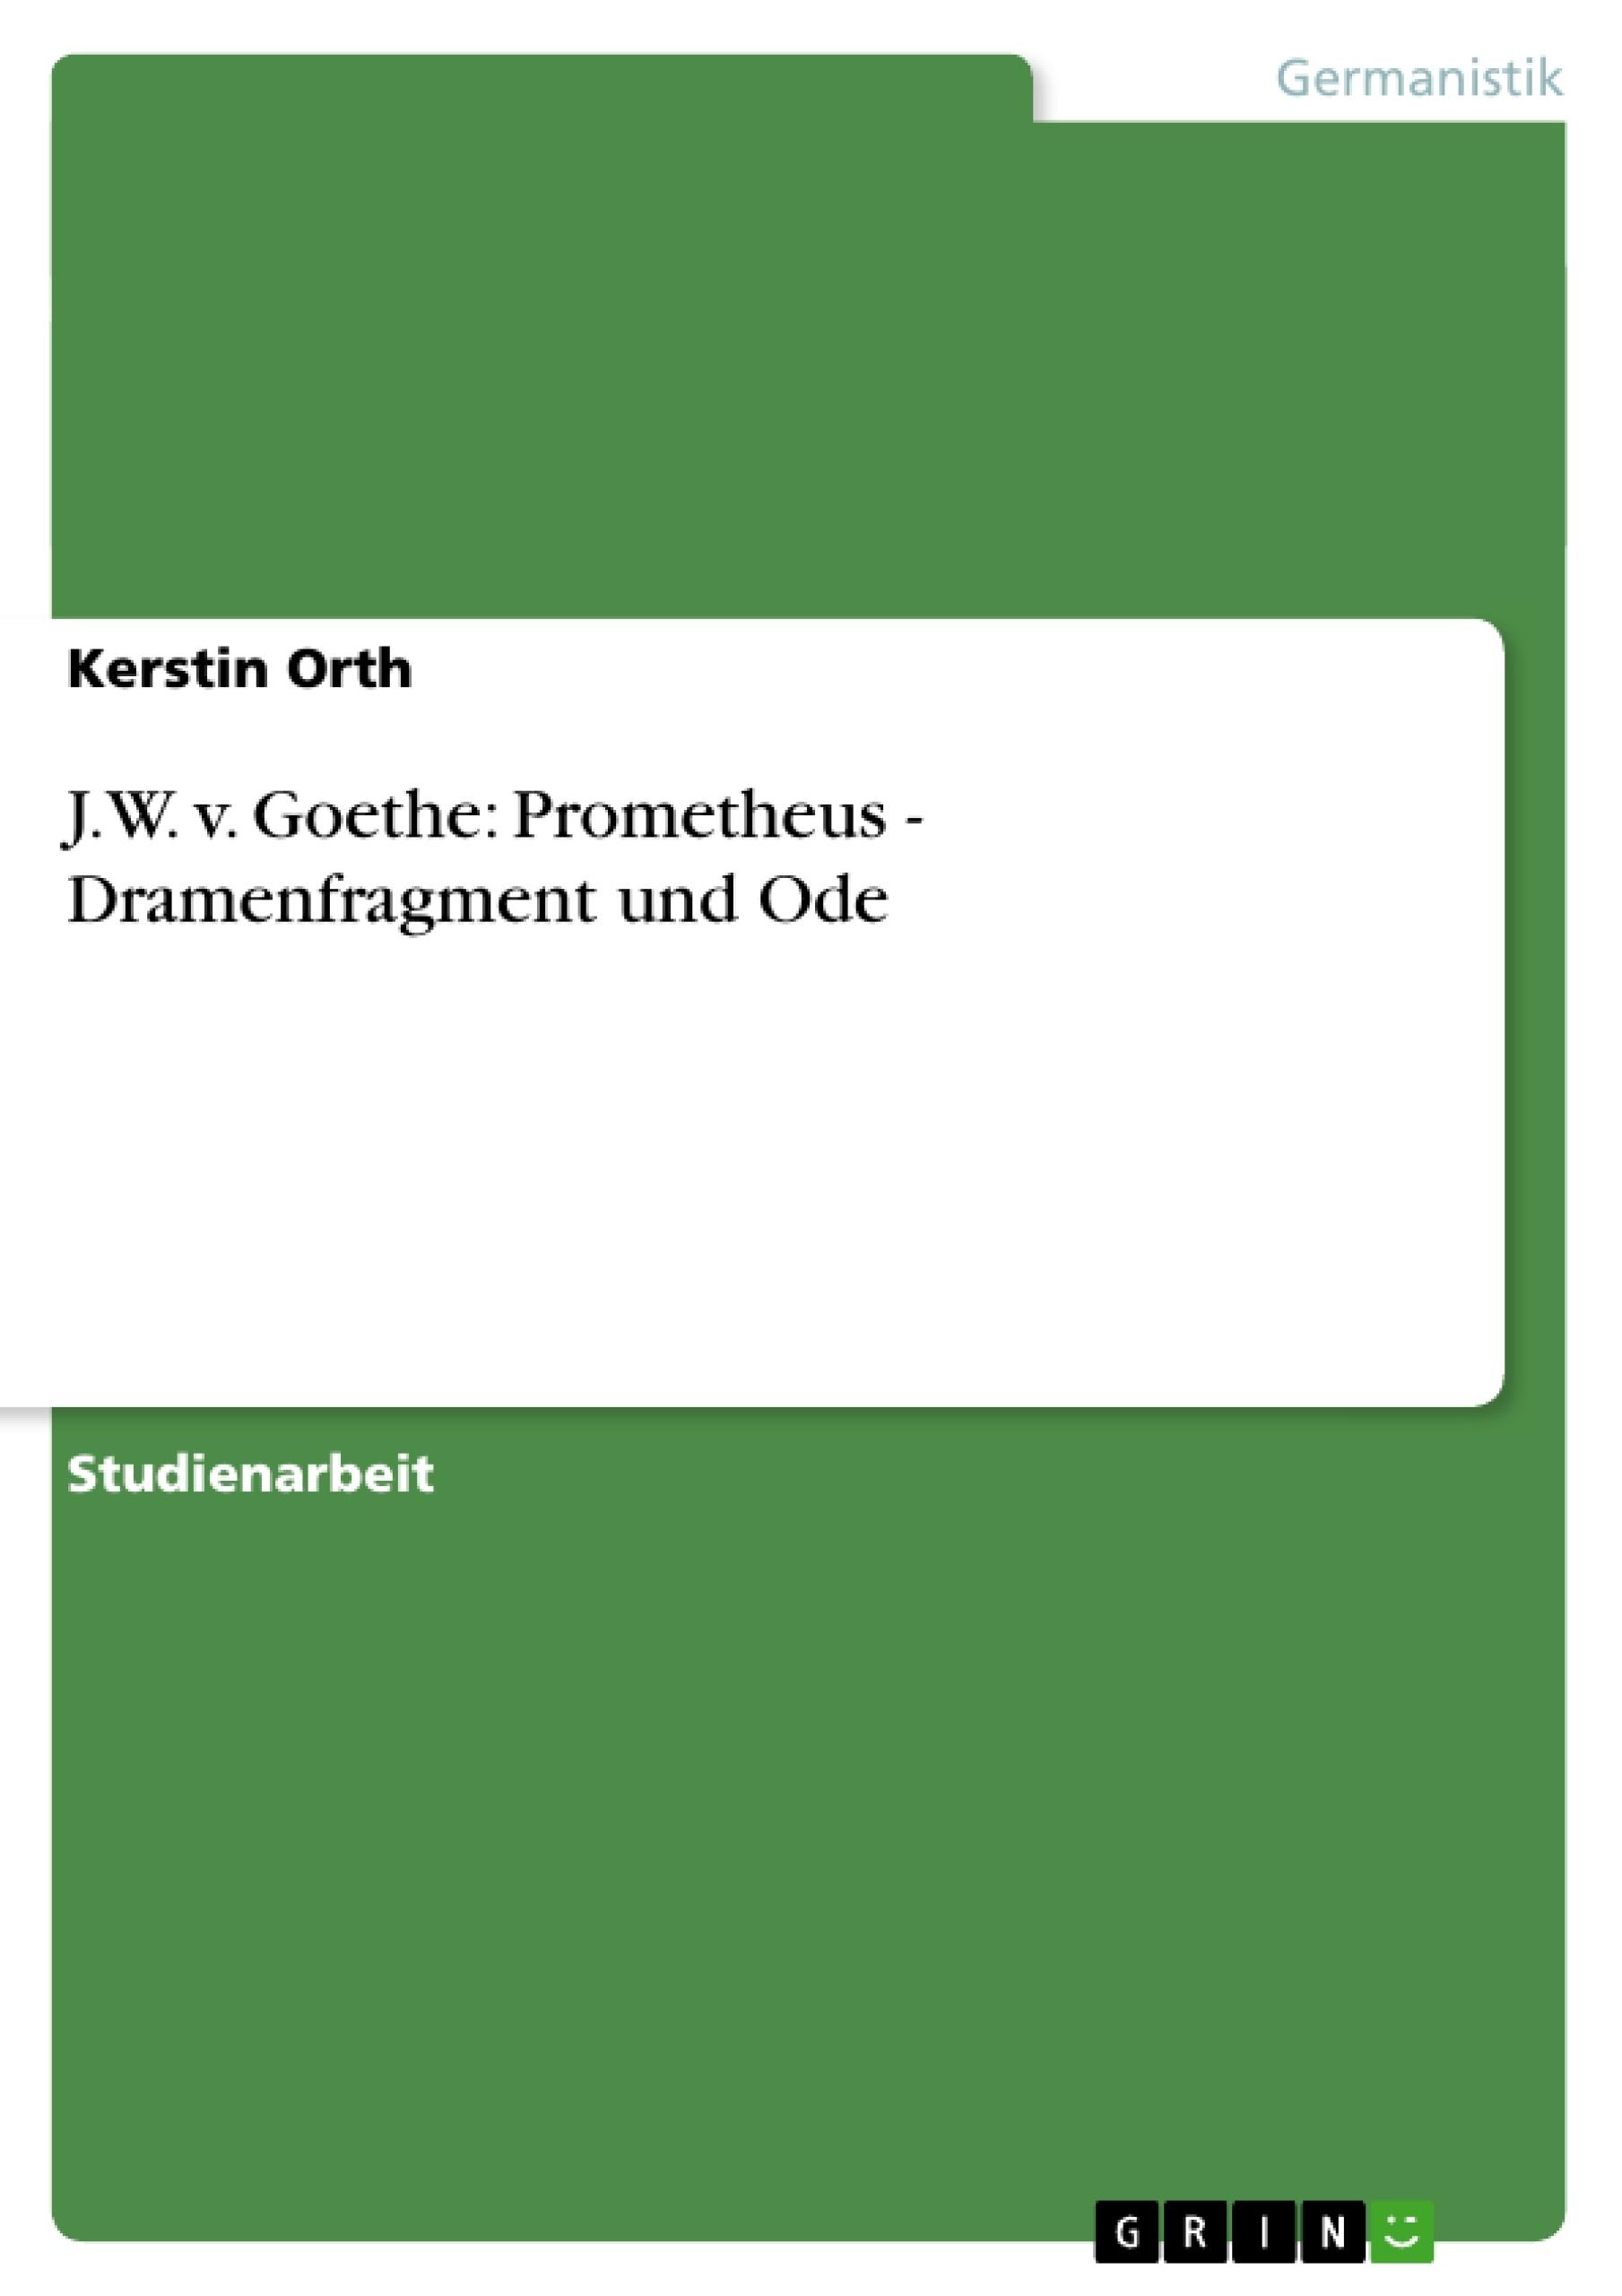 Titel: J.W. v. Goethe: Prometheus - Dramenfragment und Ode